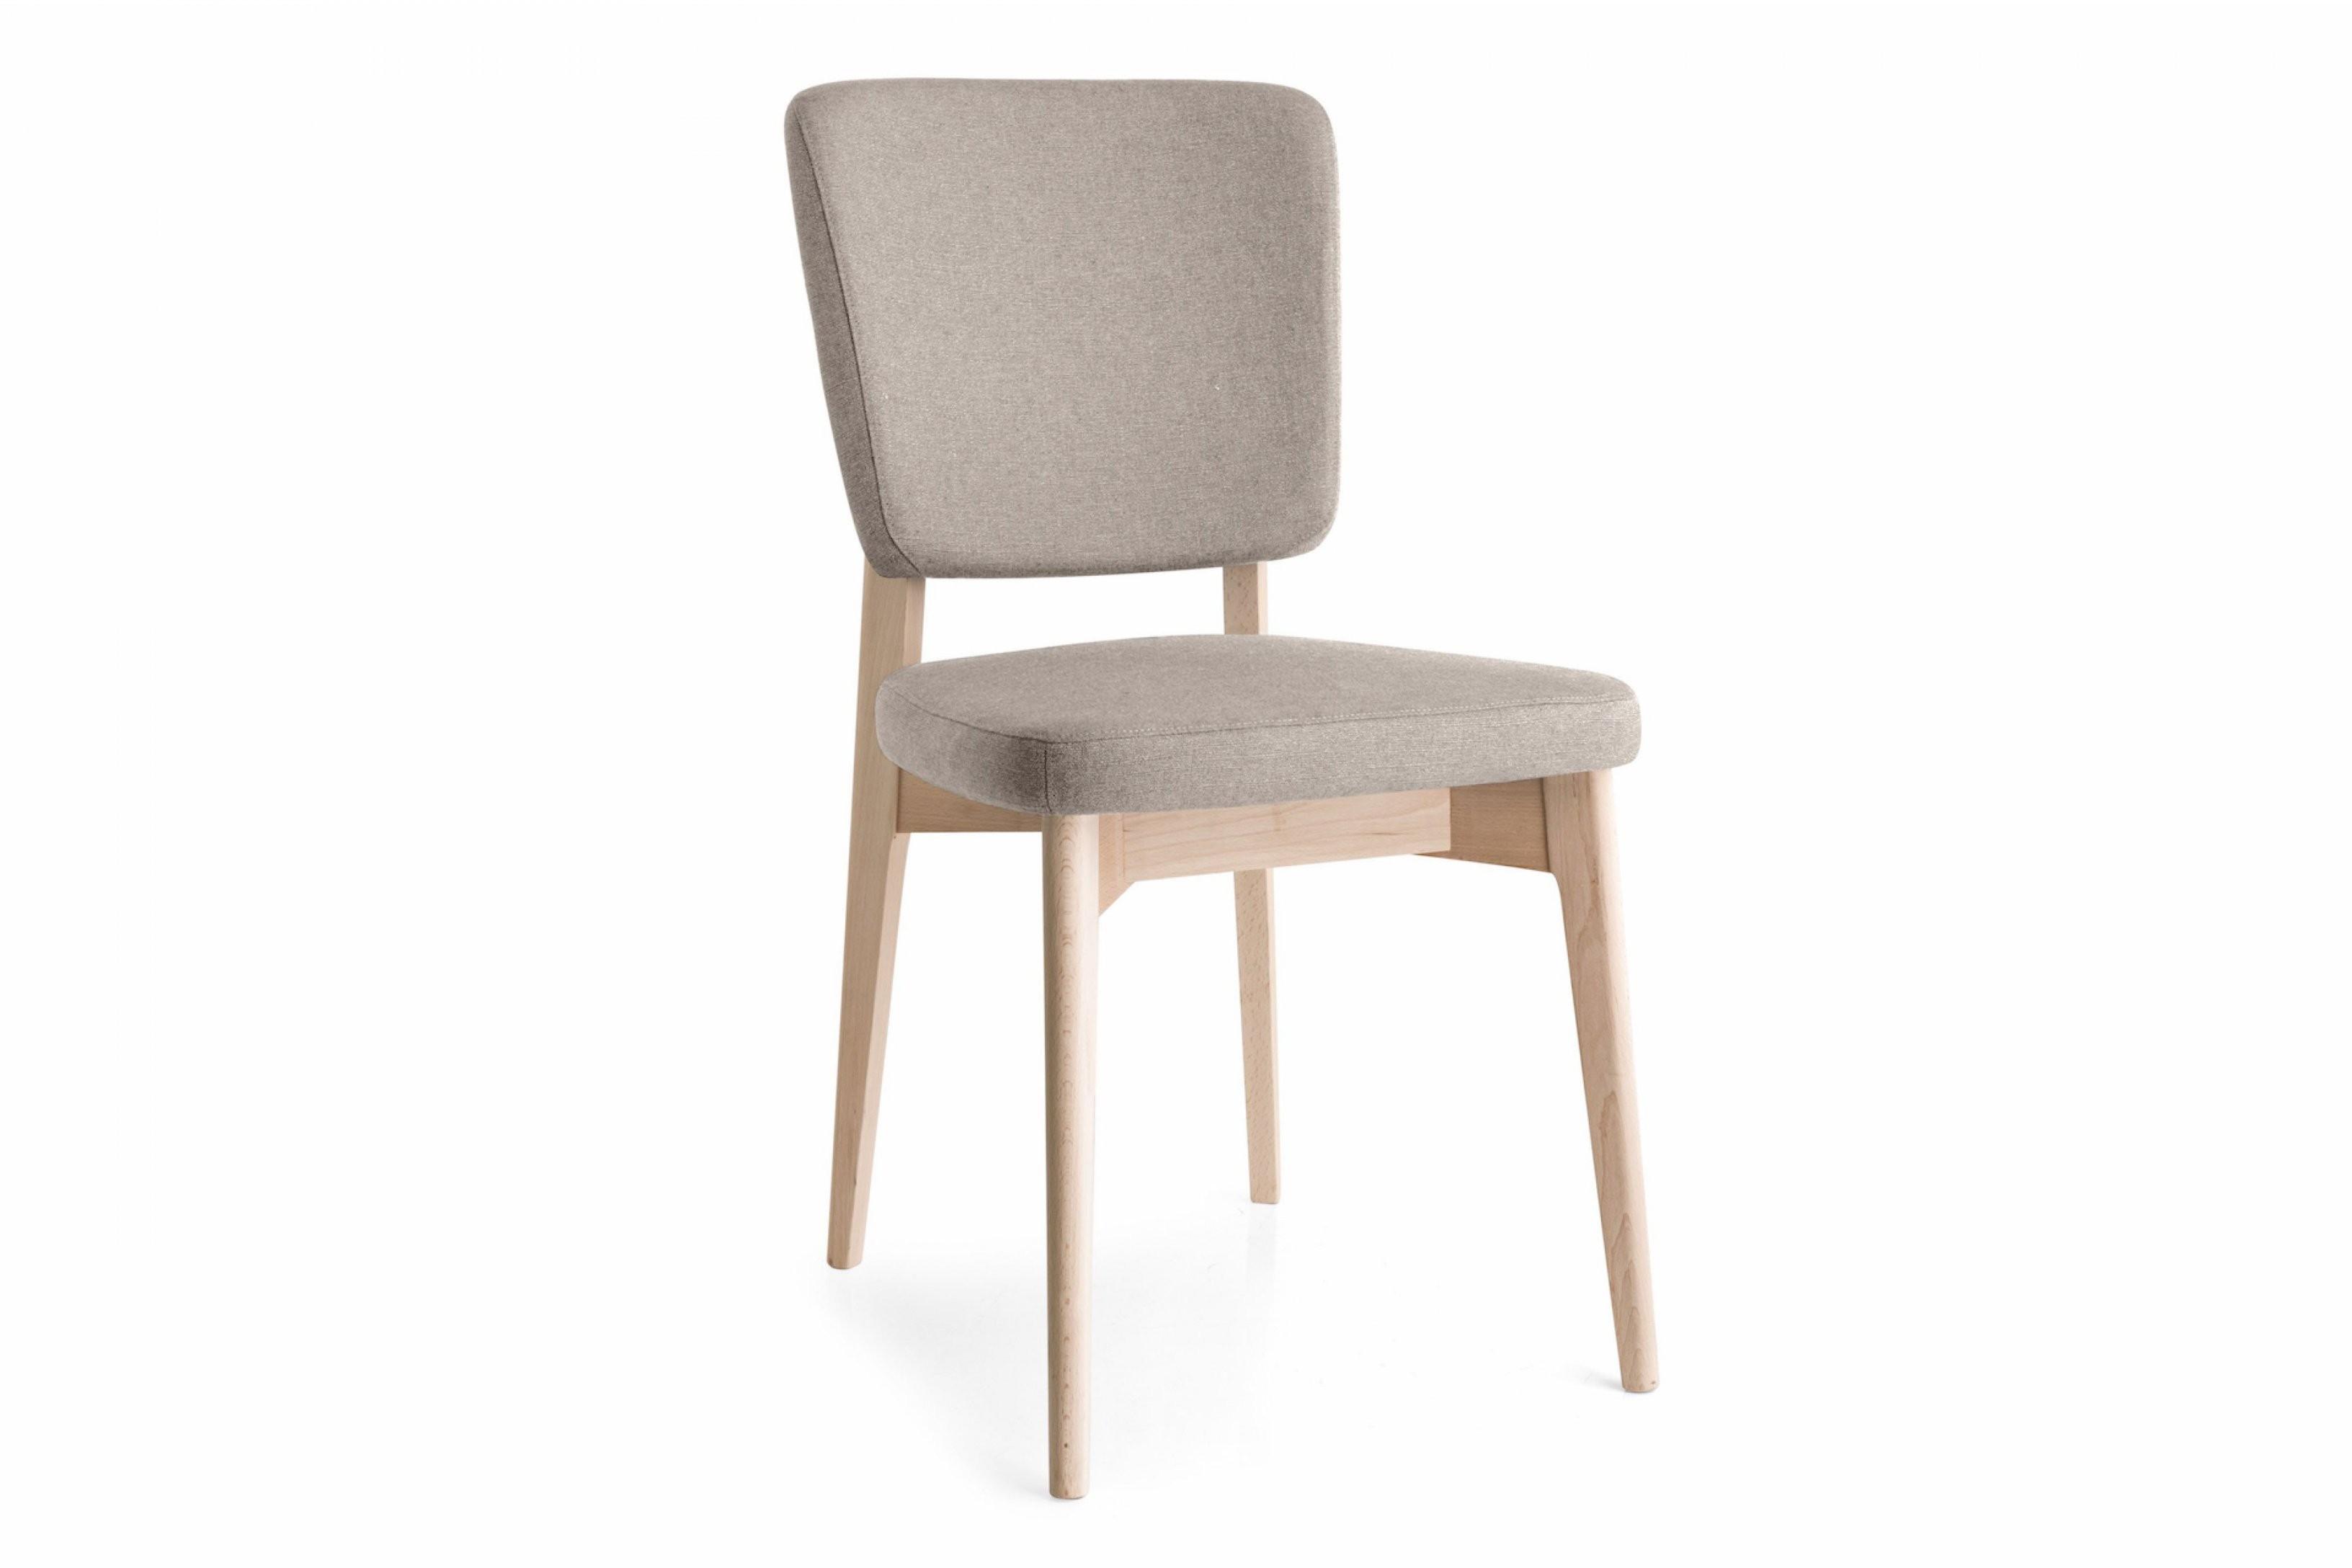 Skandinavische Stühle  Möbel Letz  Ihr Onlineshop von Skandinavische Stühle Klassiker Bild